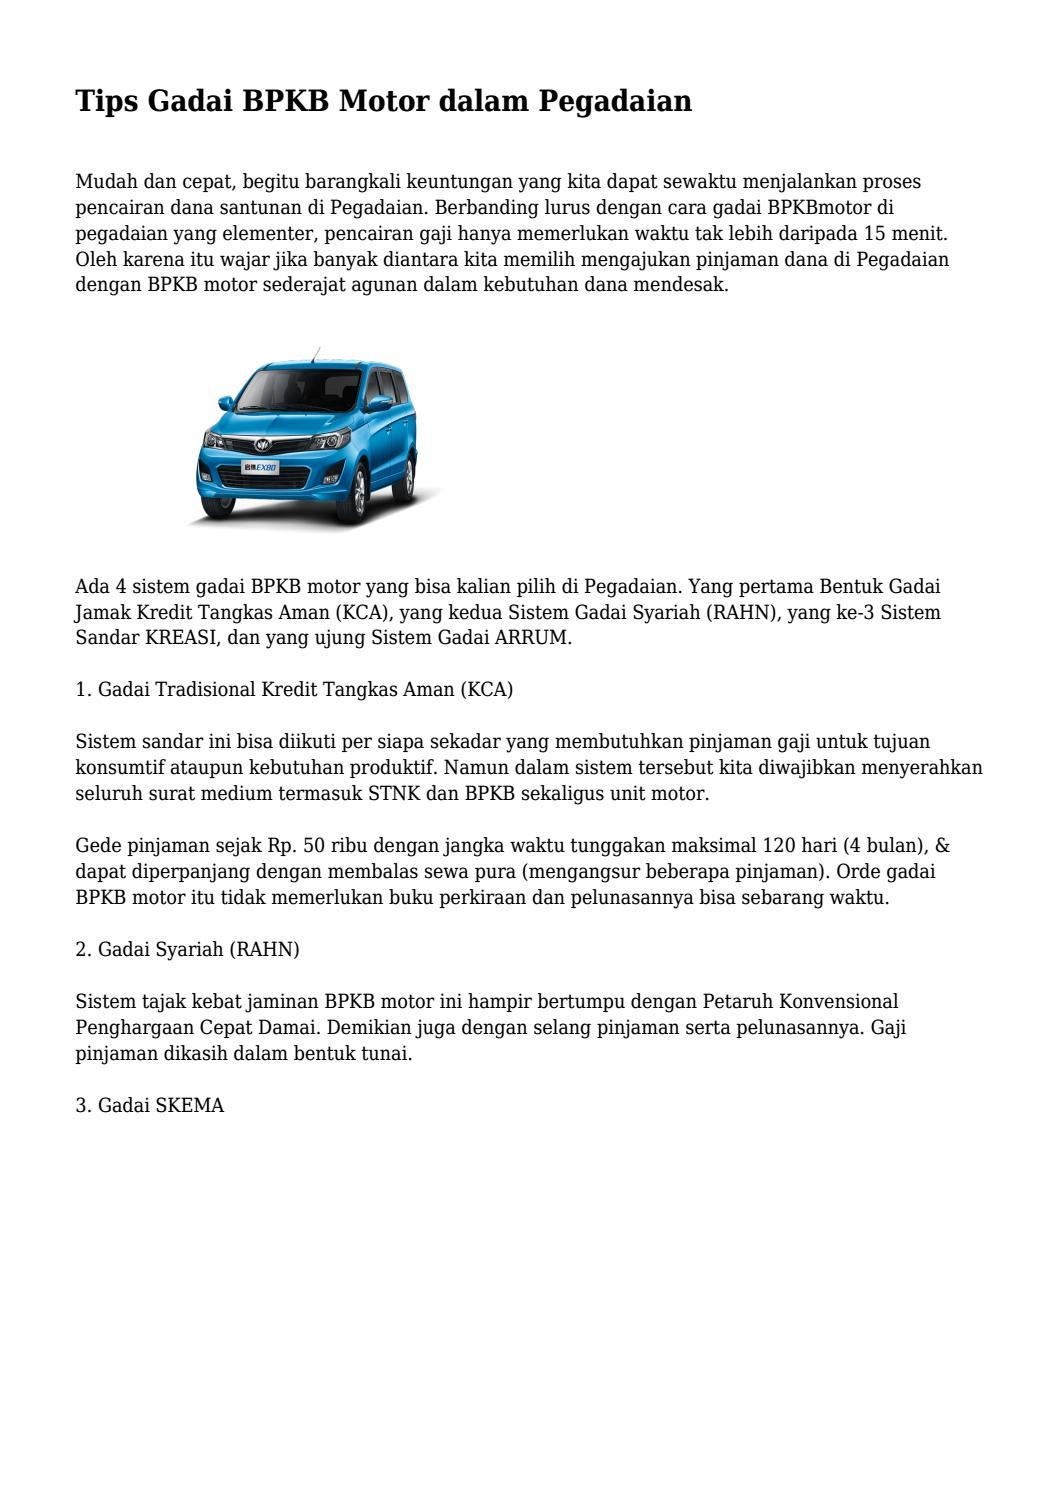 Pinjam Uang Di Pegadaian Dengan Jaminan Bpkb Motor - Tips ...